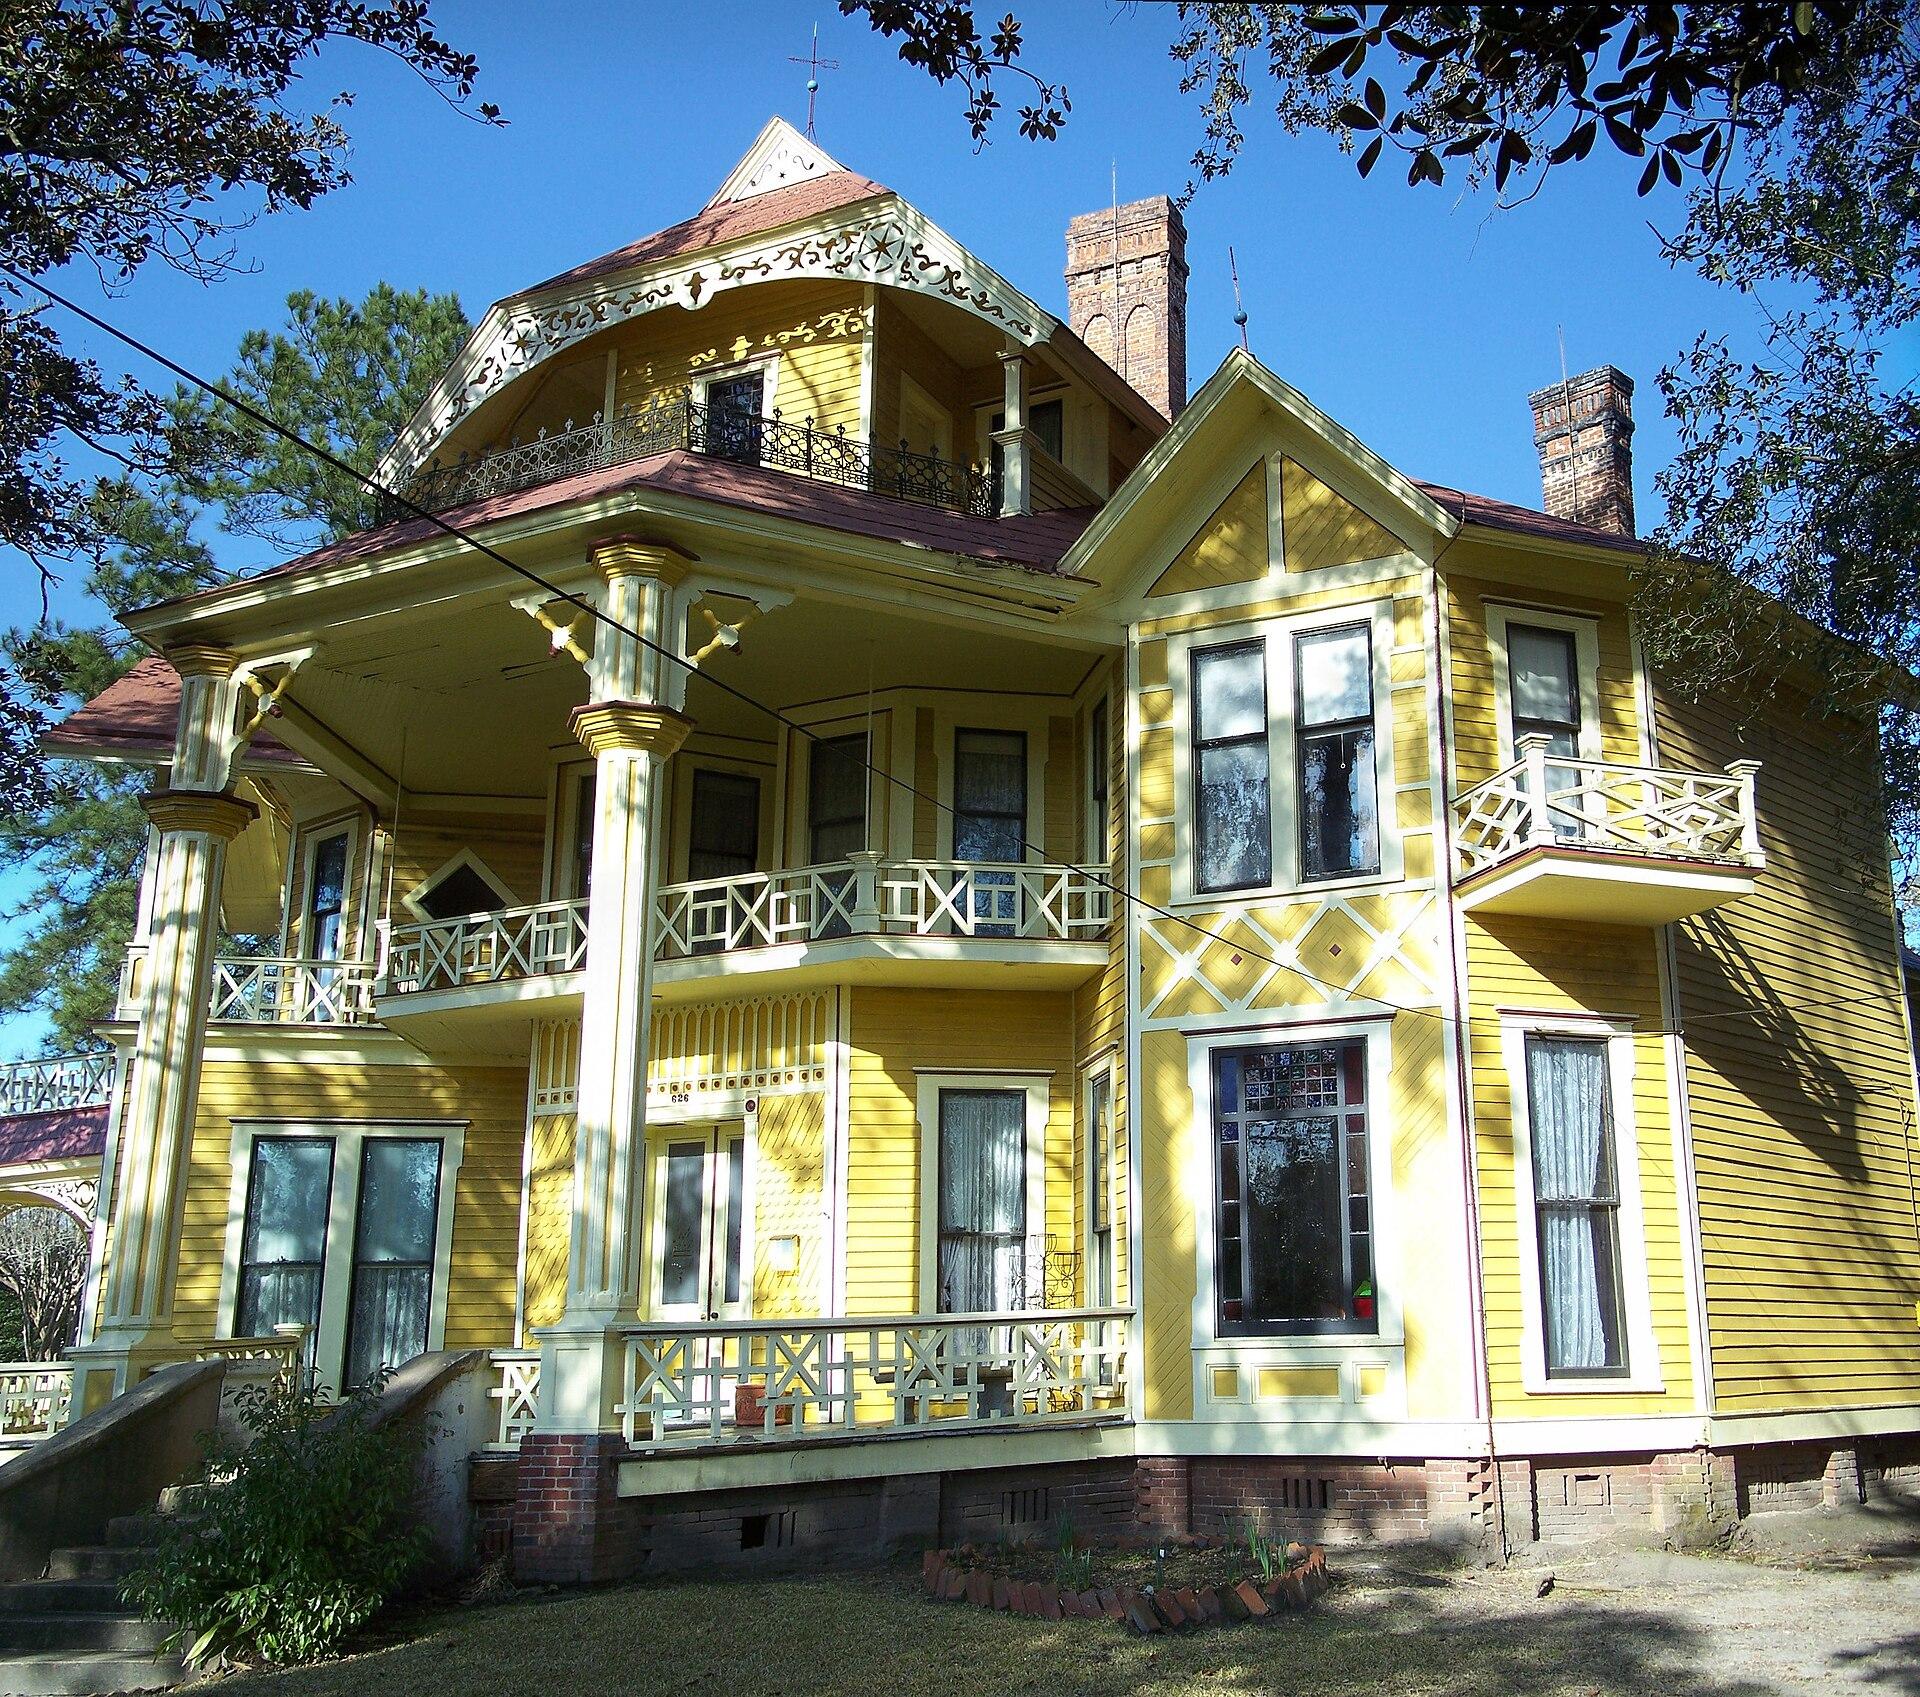 Lapham-Patterson House